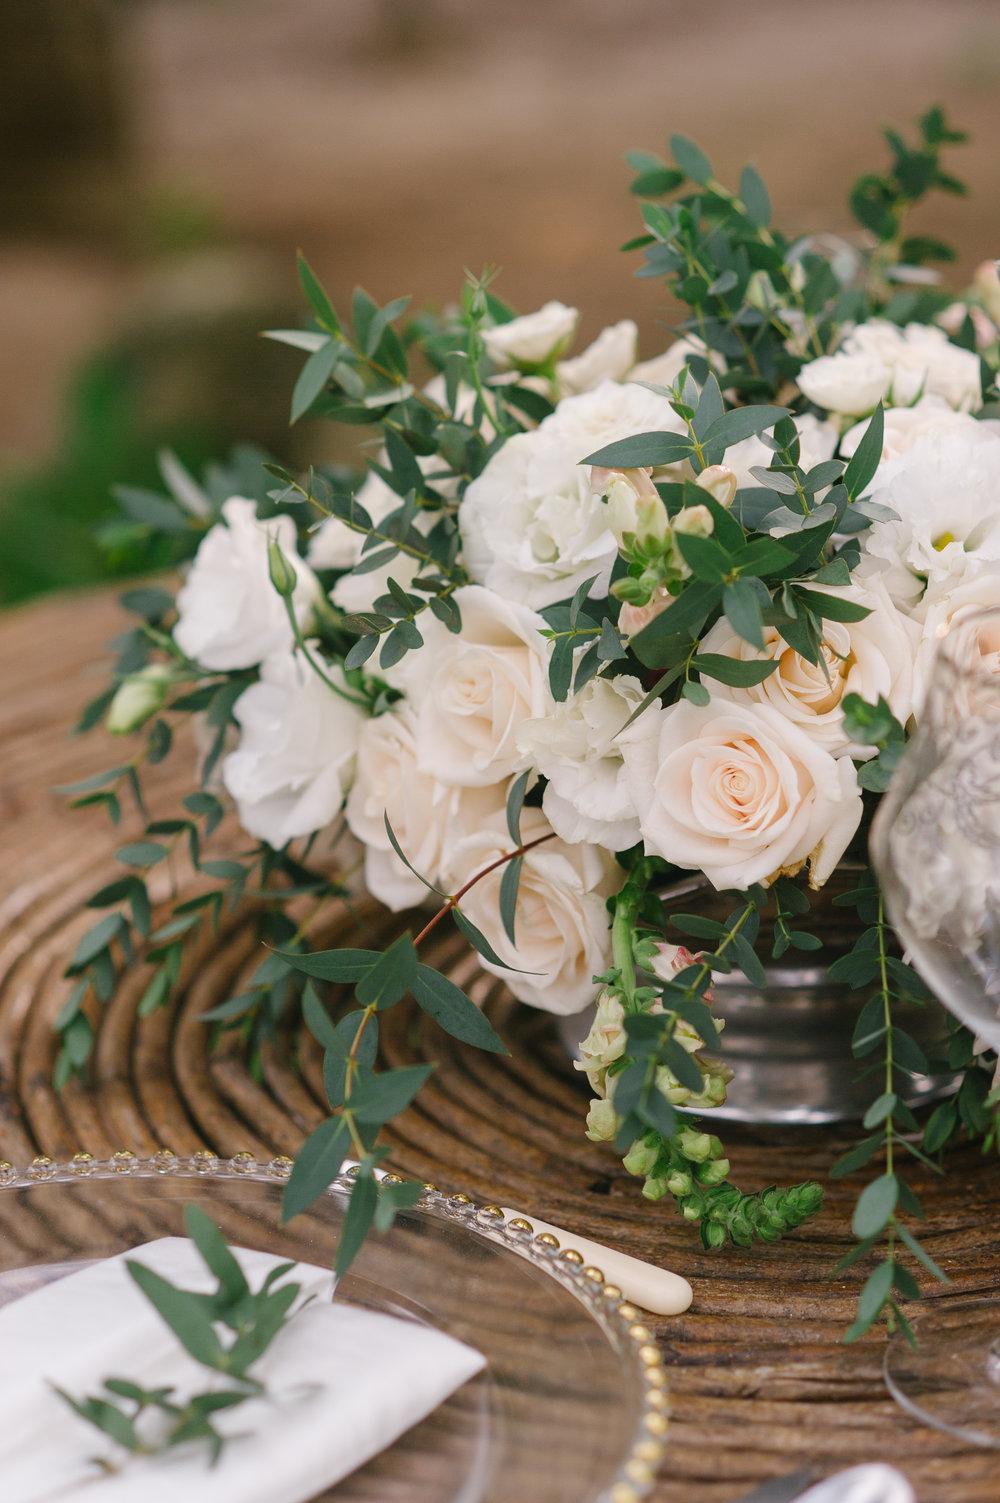 White Wedding Centrepiece - Mexico - www.theeventeur.com